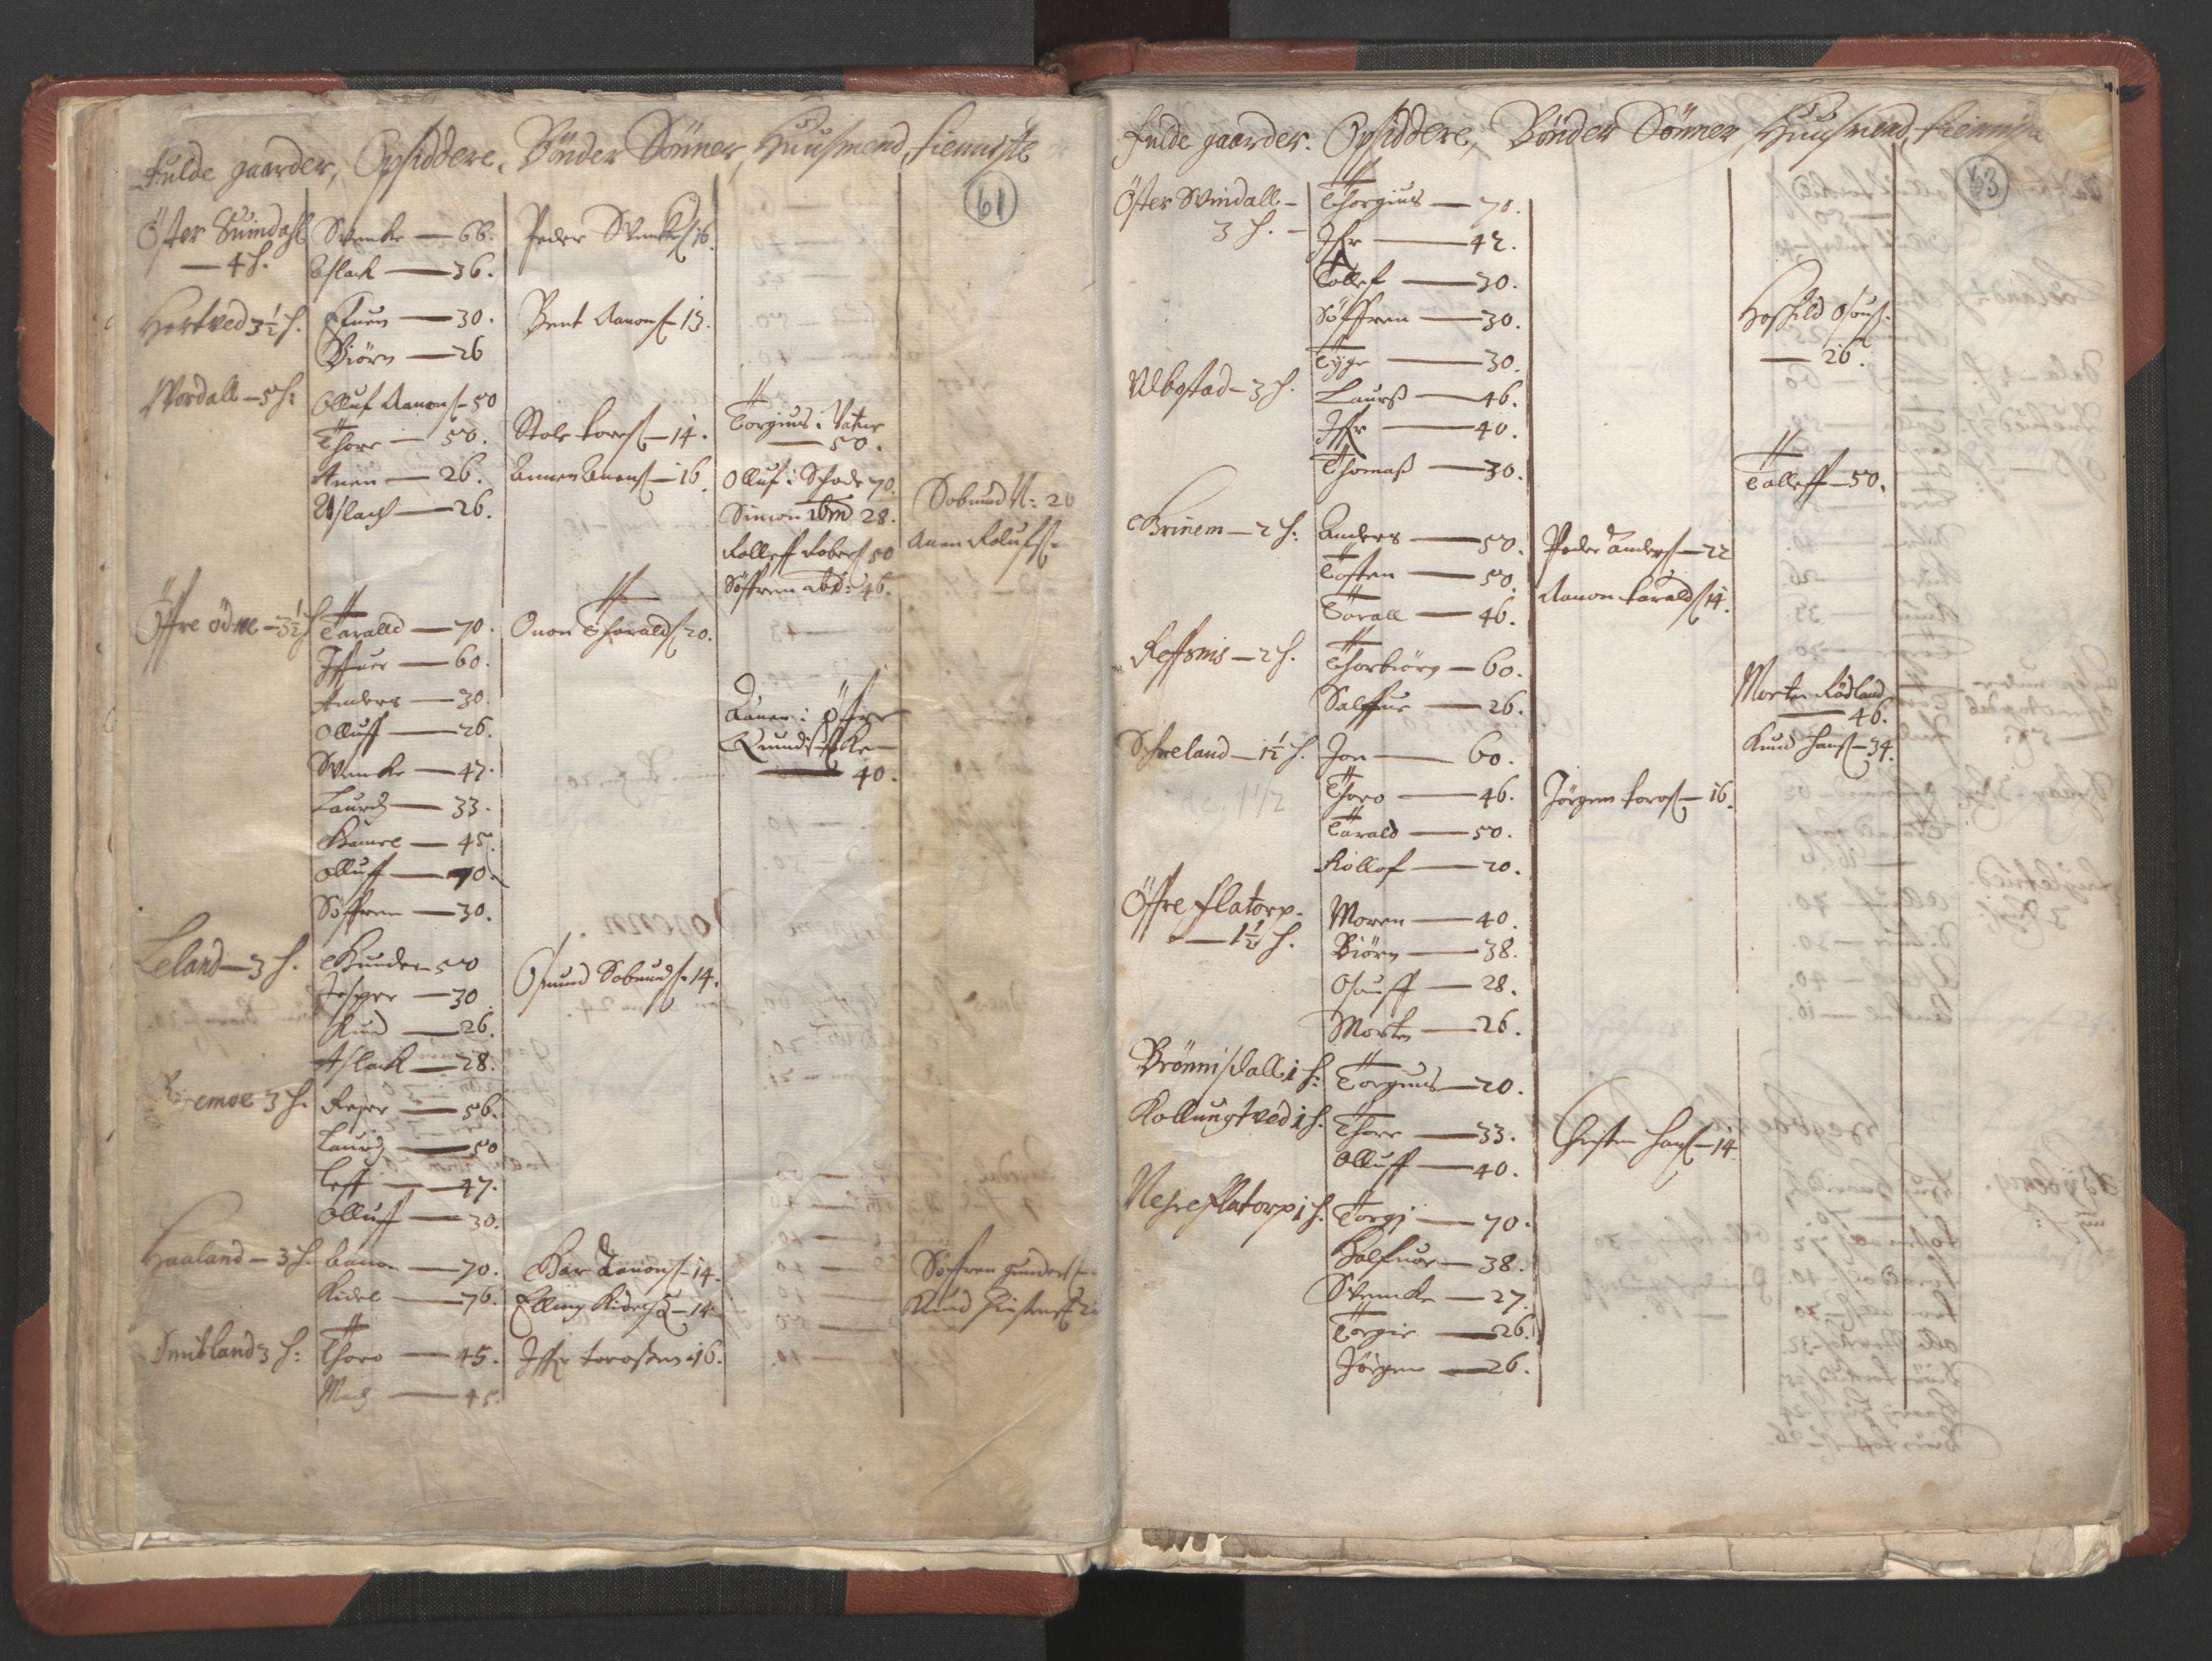 RA, Fogdenes og sorenskrivernes manntall 1664-1666, nr. 10: Lista len, 1664, s. 61-63